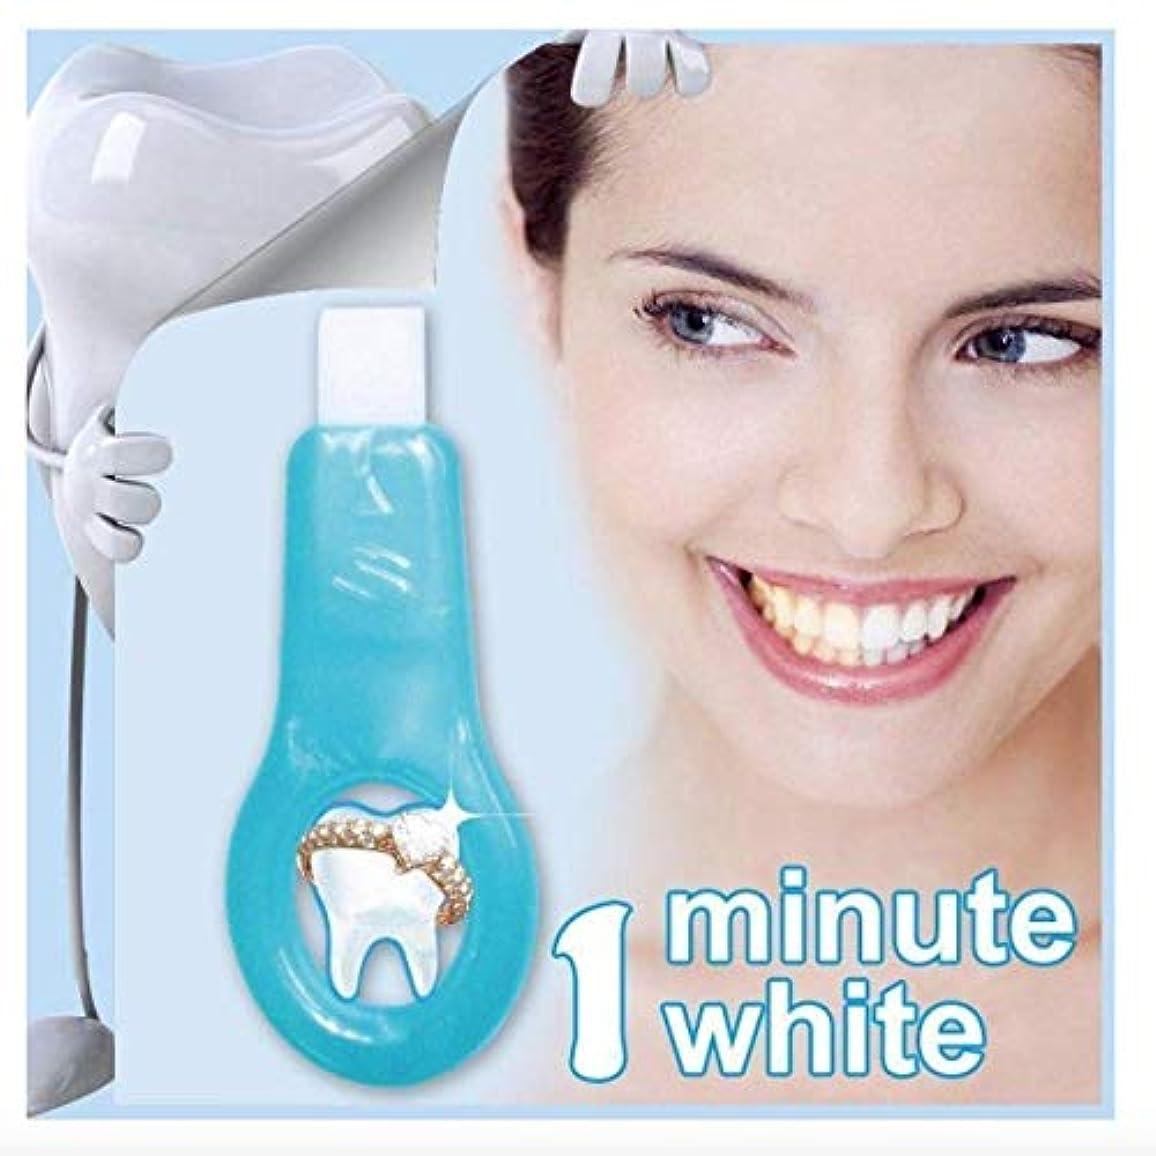 の配列雪だるま慣習歯 美白 - Delaman 歯 ホワイトニング、ナノ、歯の汚れ、コーヒーの汚れを取り除く、歯 ケア、1つ ハンドル+2つクリーニングストリップ